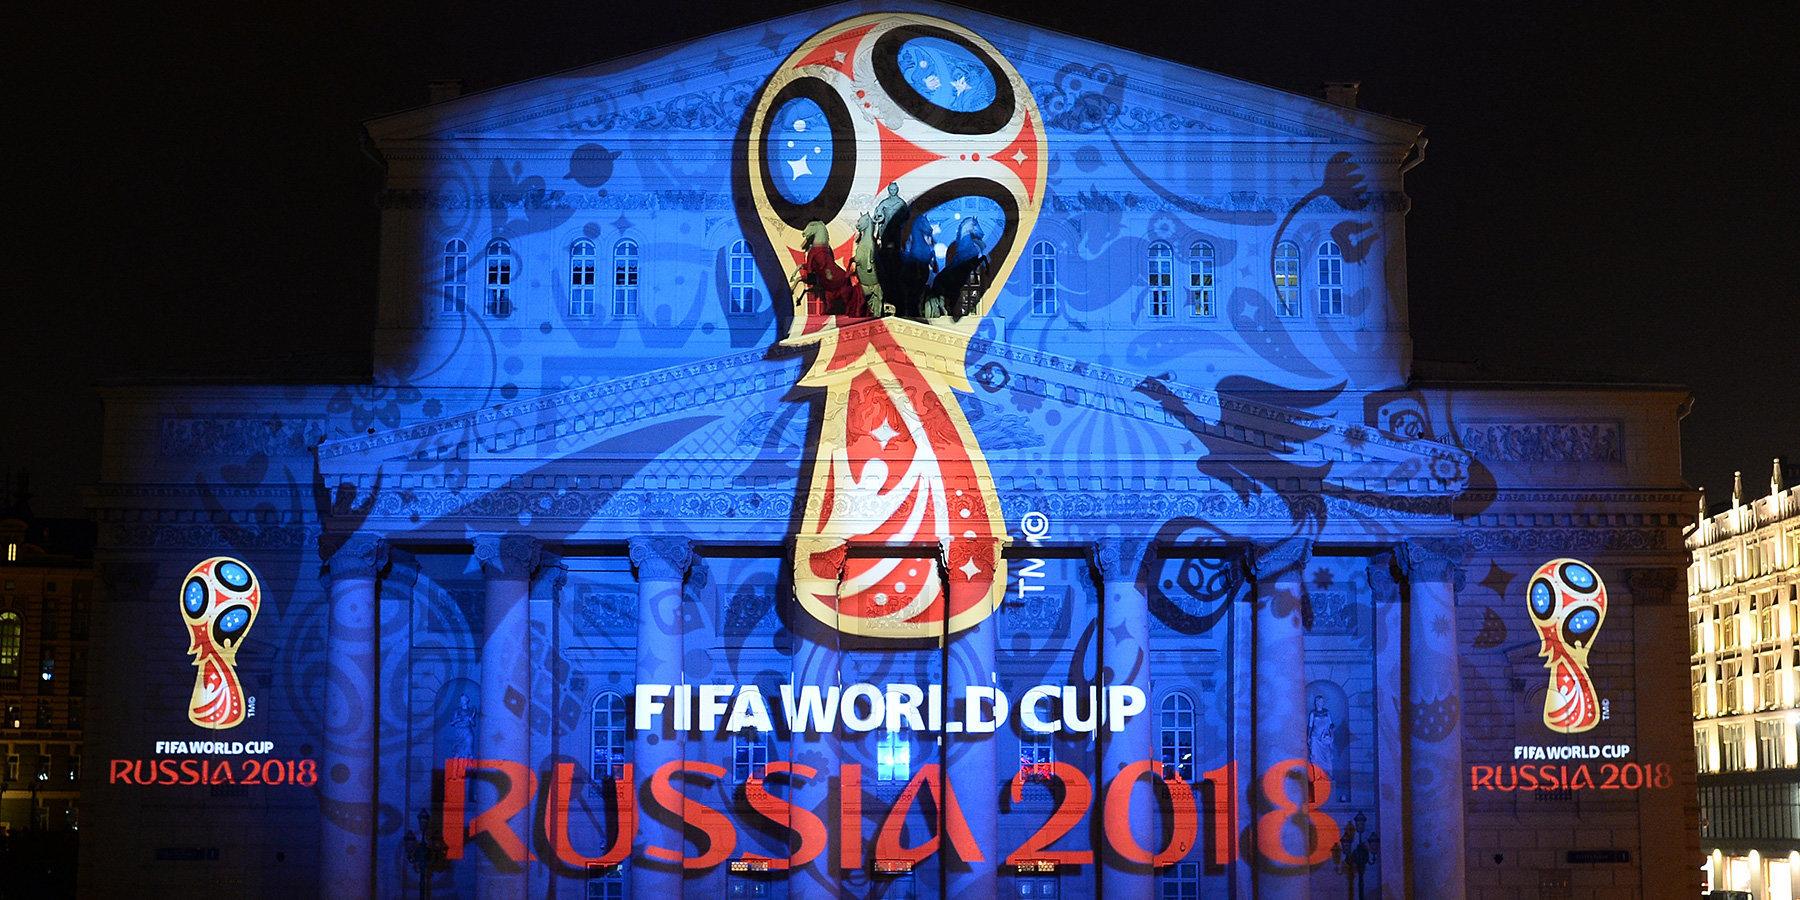 Чемпионат мира по футболу 2018 который будет проводиться в россии